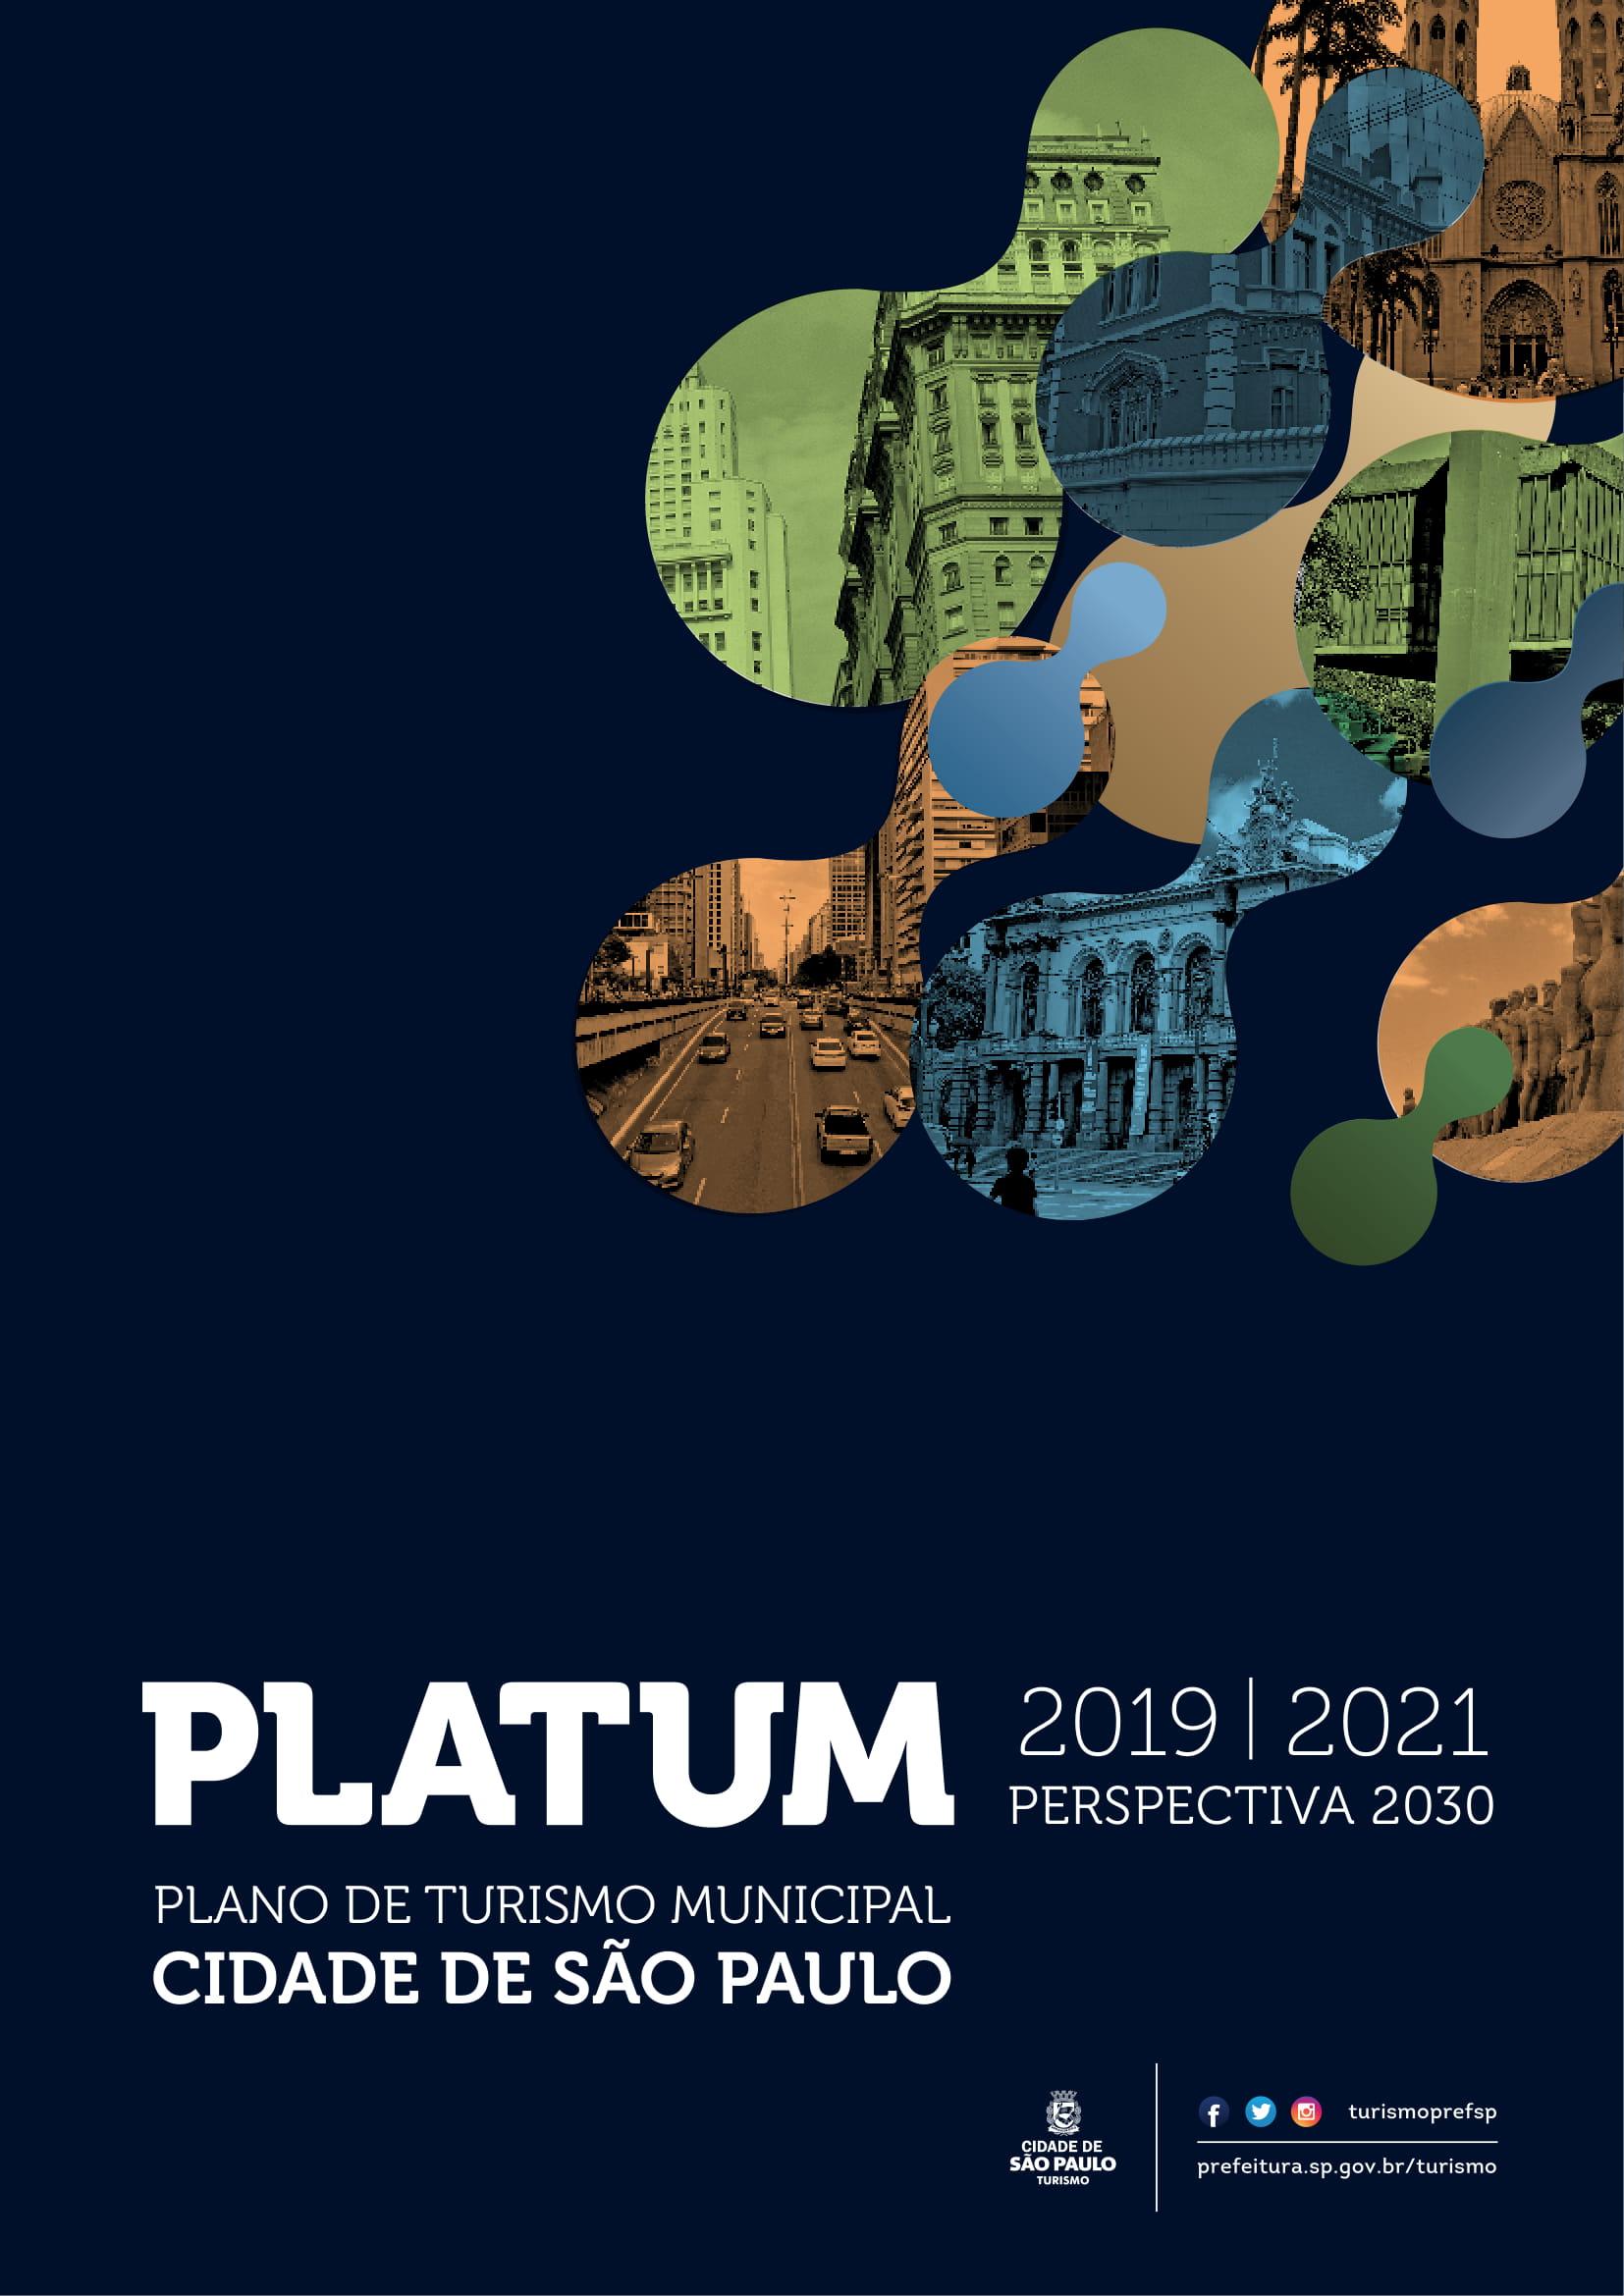 platum_1594747759-001